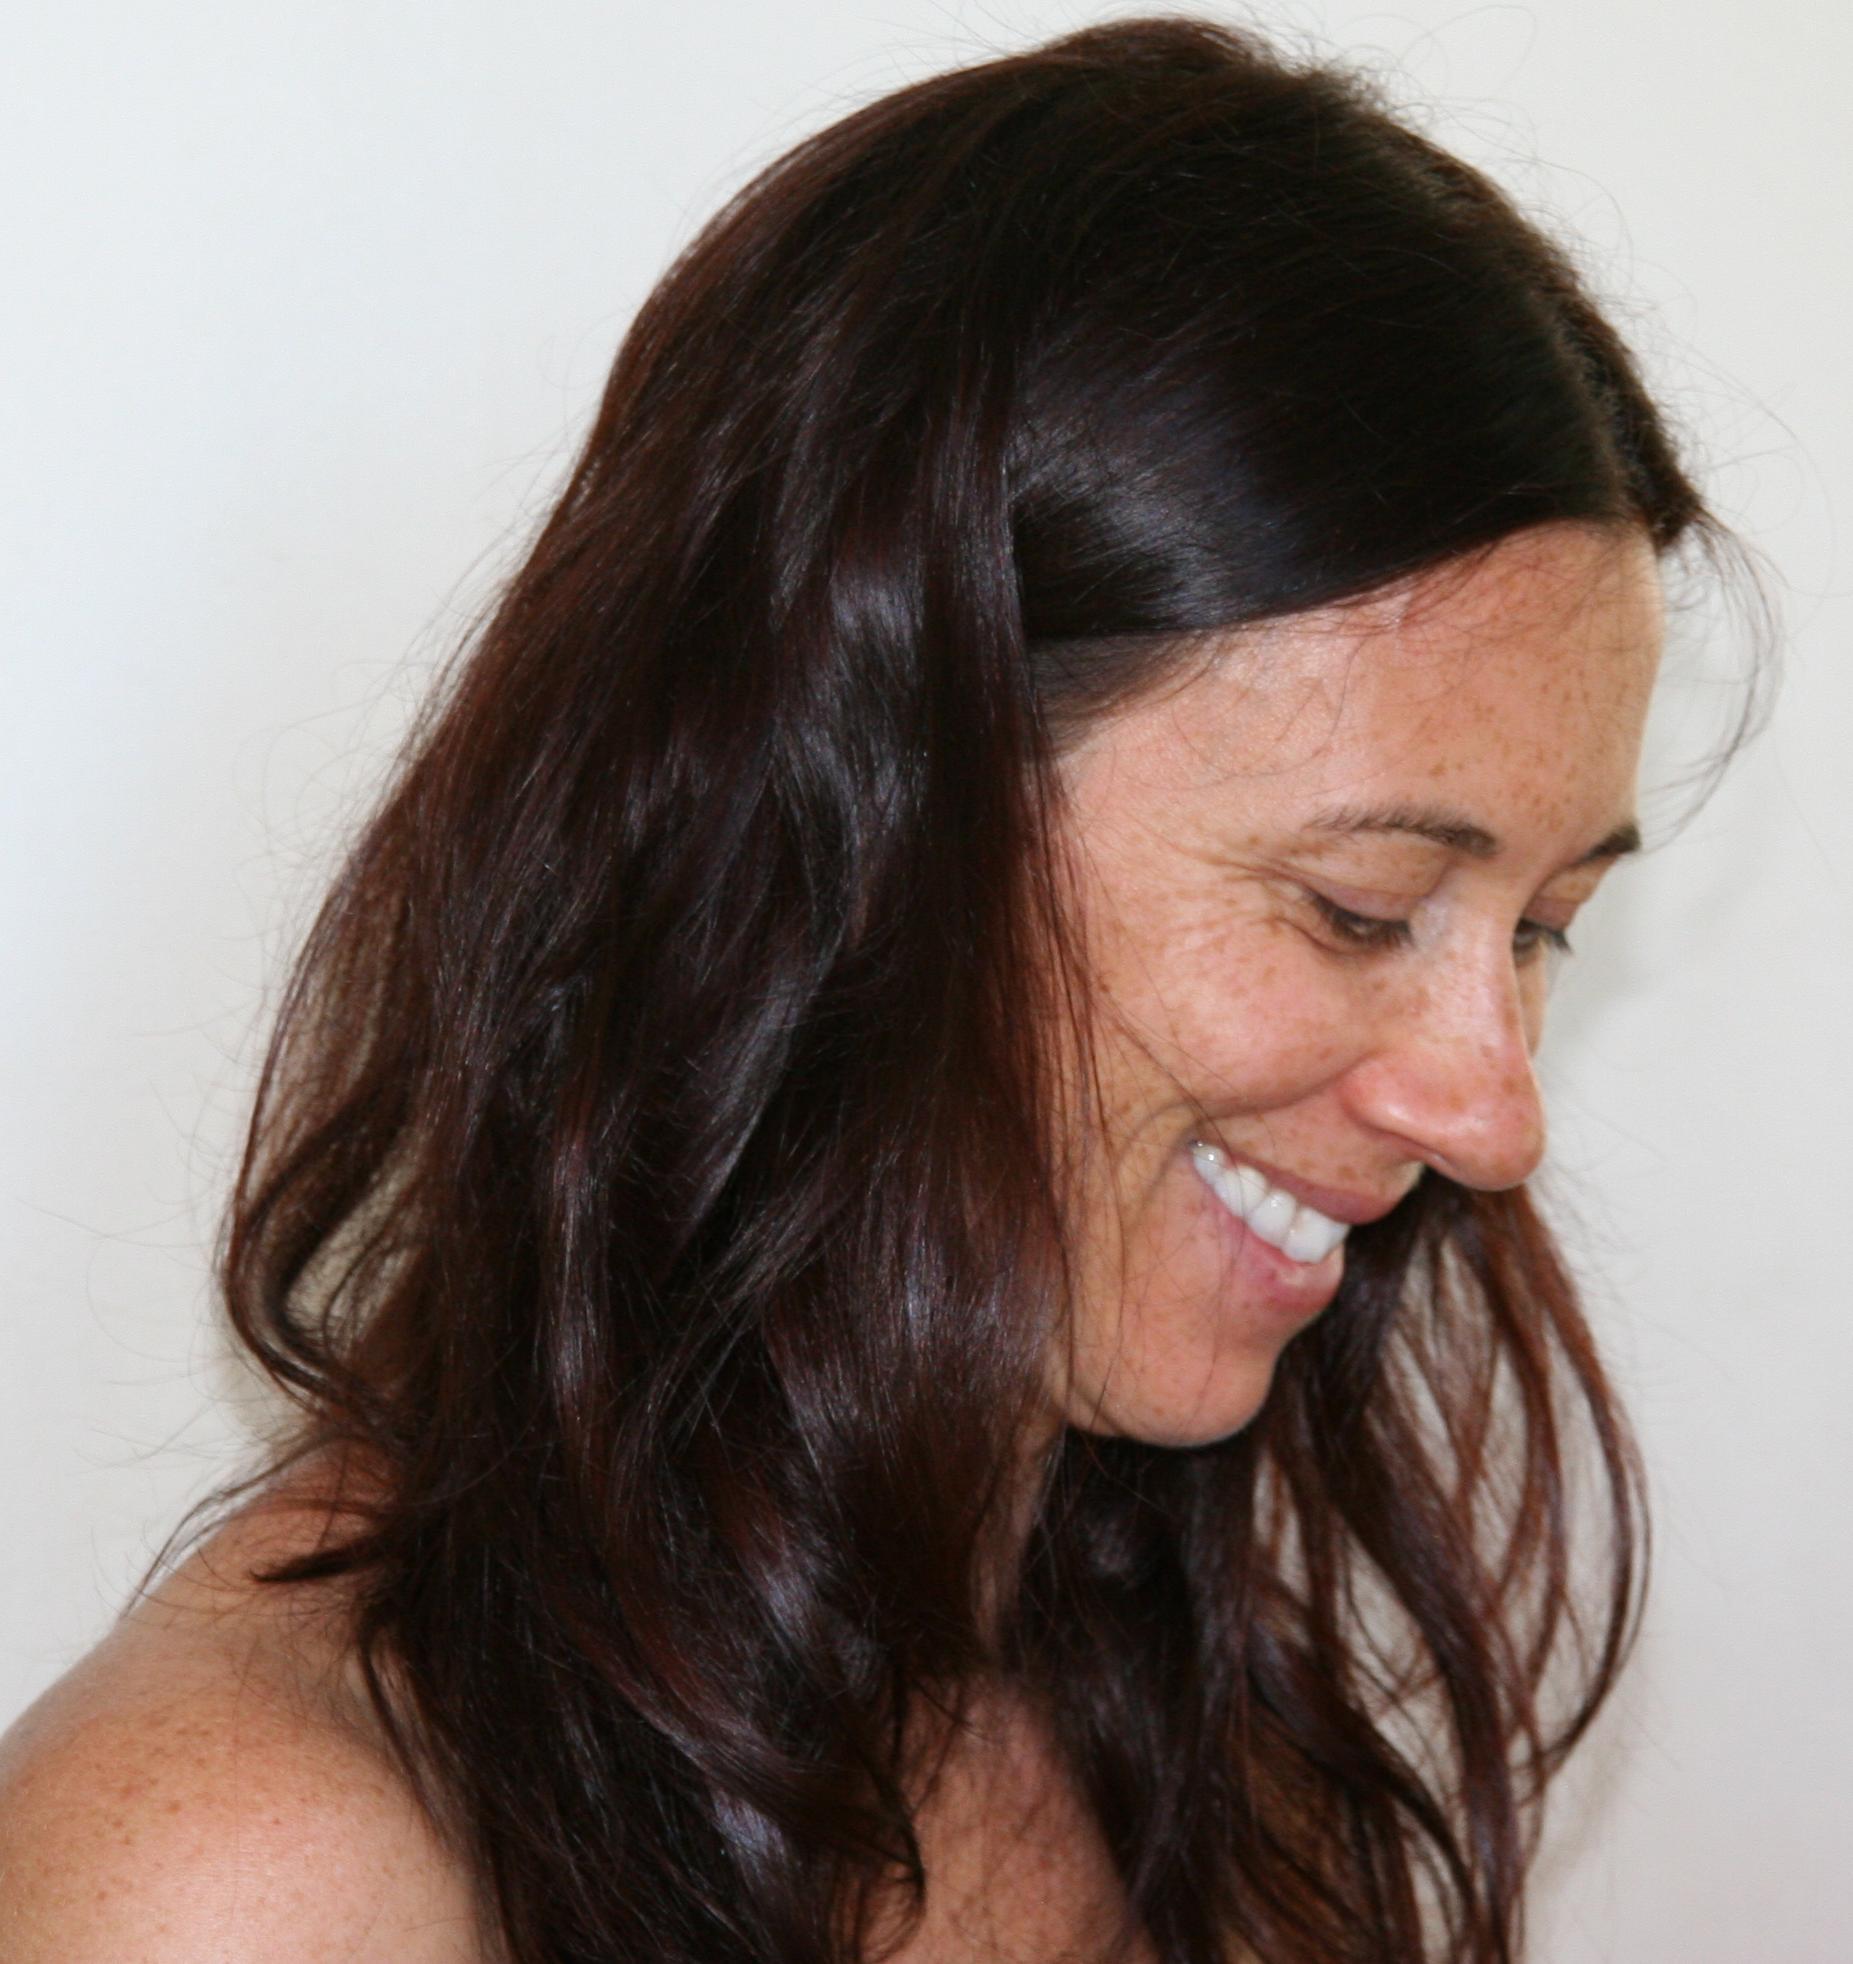 Bienvenue à Mademoiselle Ecolo, future mariée de juin 2012